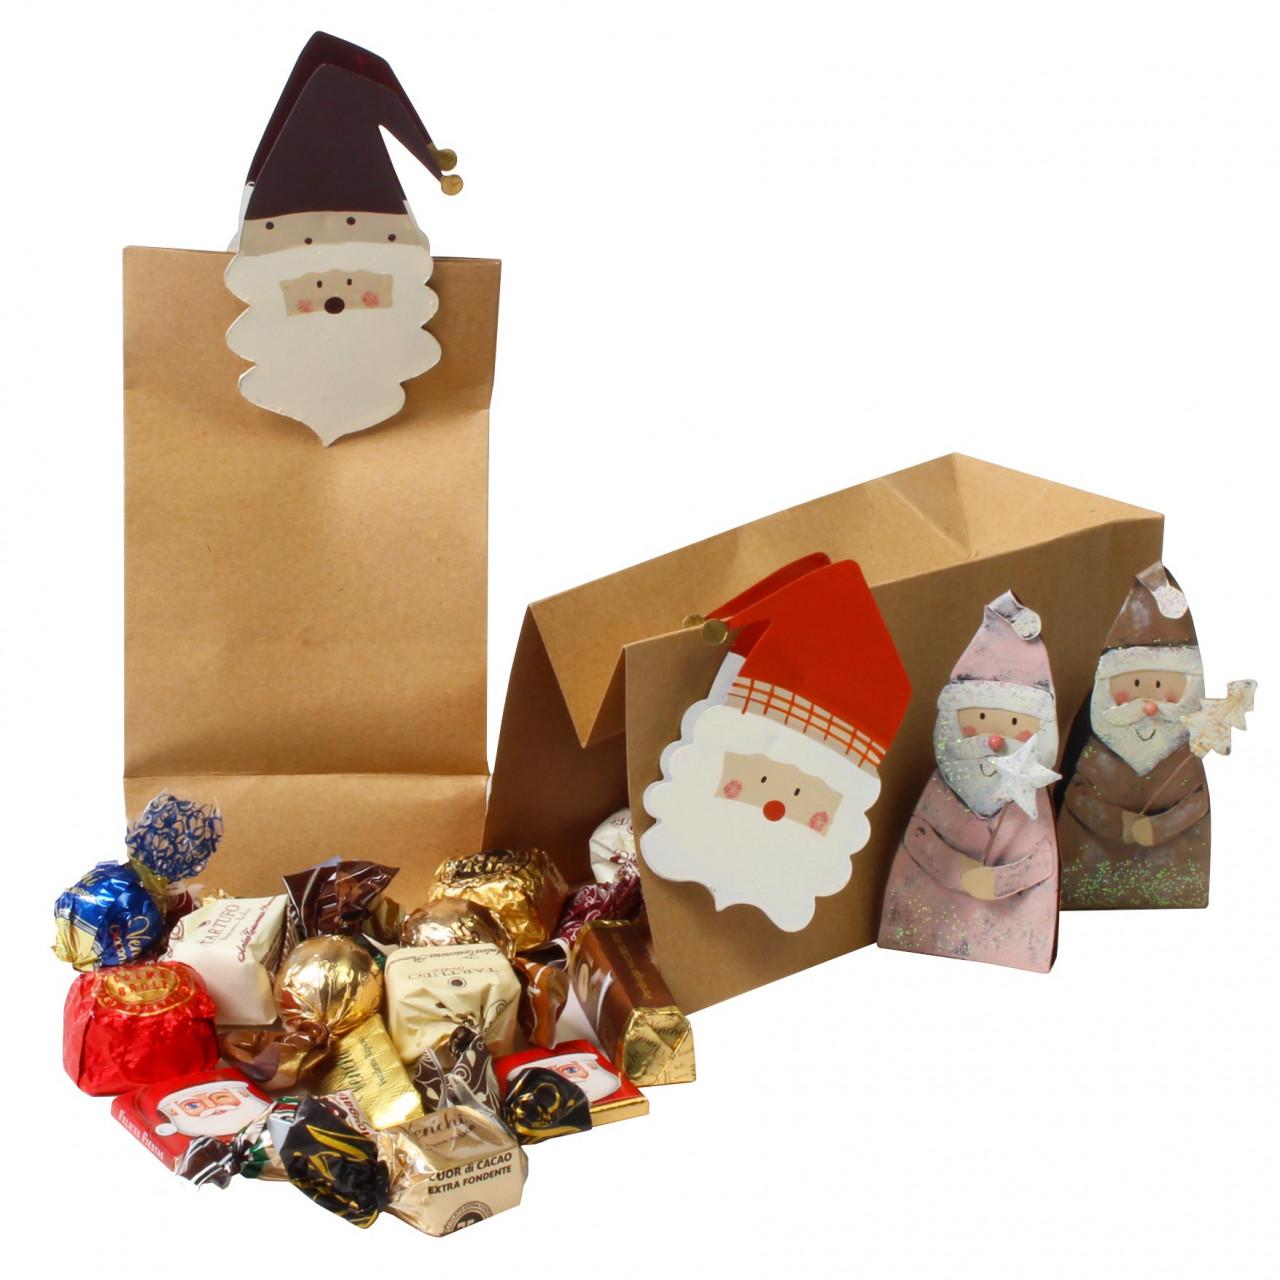 Weihnachten, Weihnachtsgeschenk, Noel, Christmas, Merry Christmas, Praline, Geschenkidee, Geschenke verschicken, Geschenkservice, Schokolade, chocolat, dark chocolate, milk chocolate, white chocolate